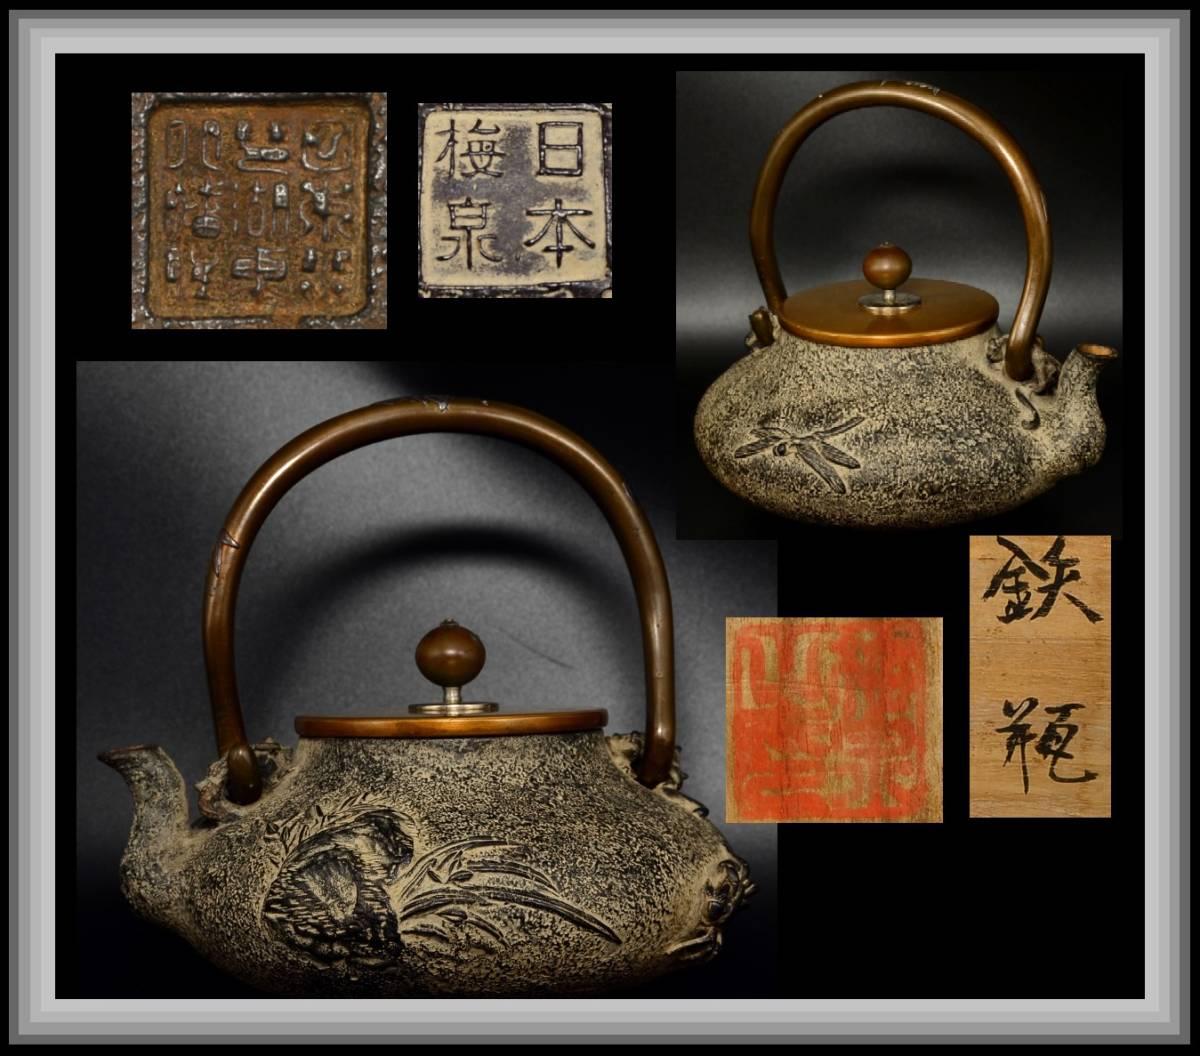 【近江の蔵道具】古作保証 梅泉最上作品 月山草蟹蜻蛉鉄瓶 蝋型一点造 亀文堂